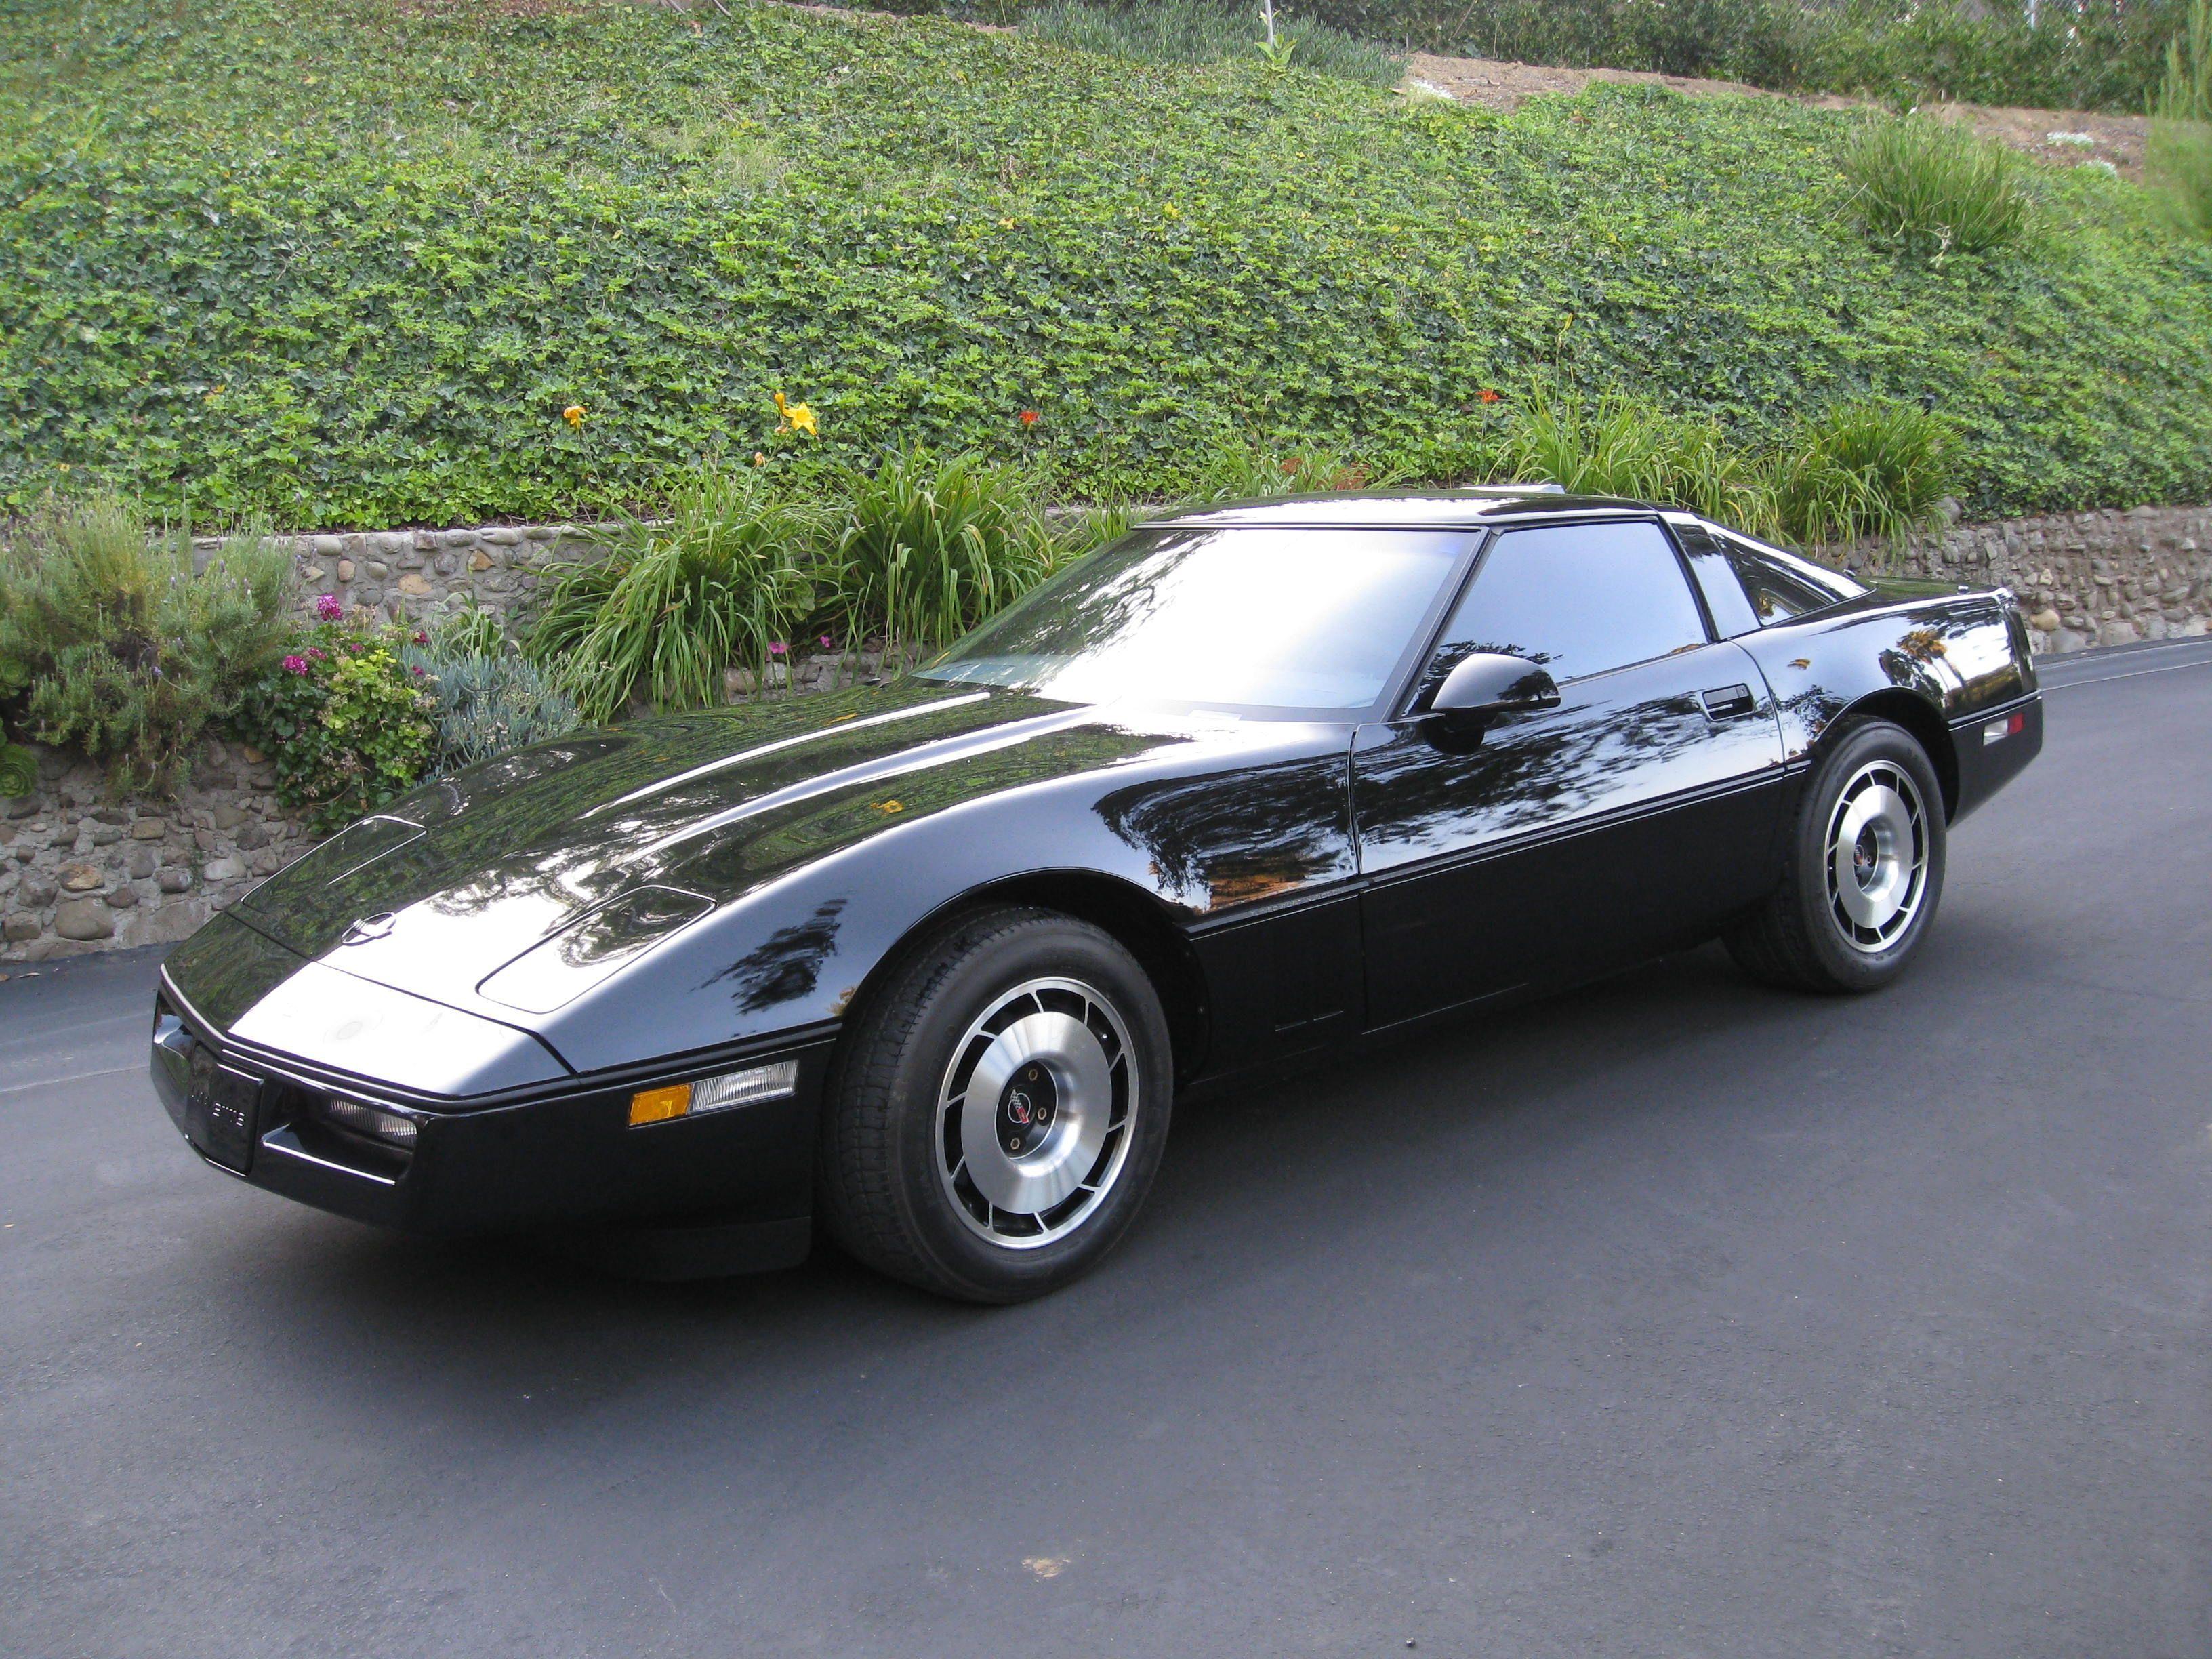 Kelebihan Kekurangan Corvette 1985 Spesifikasi